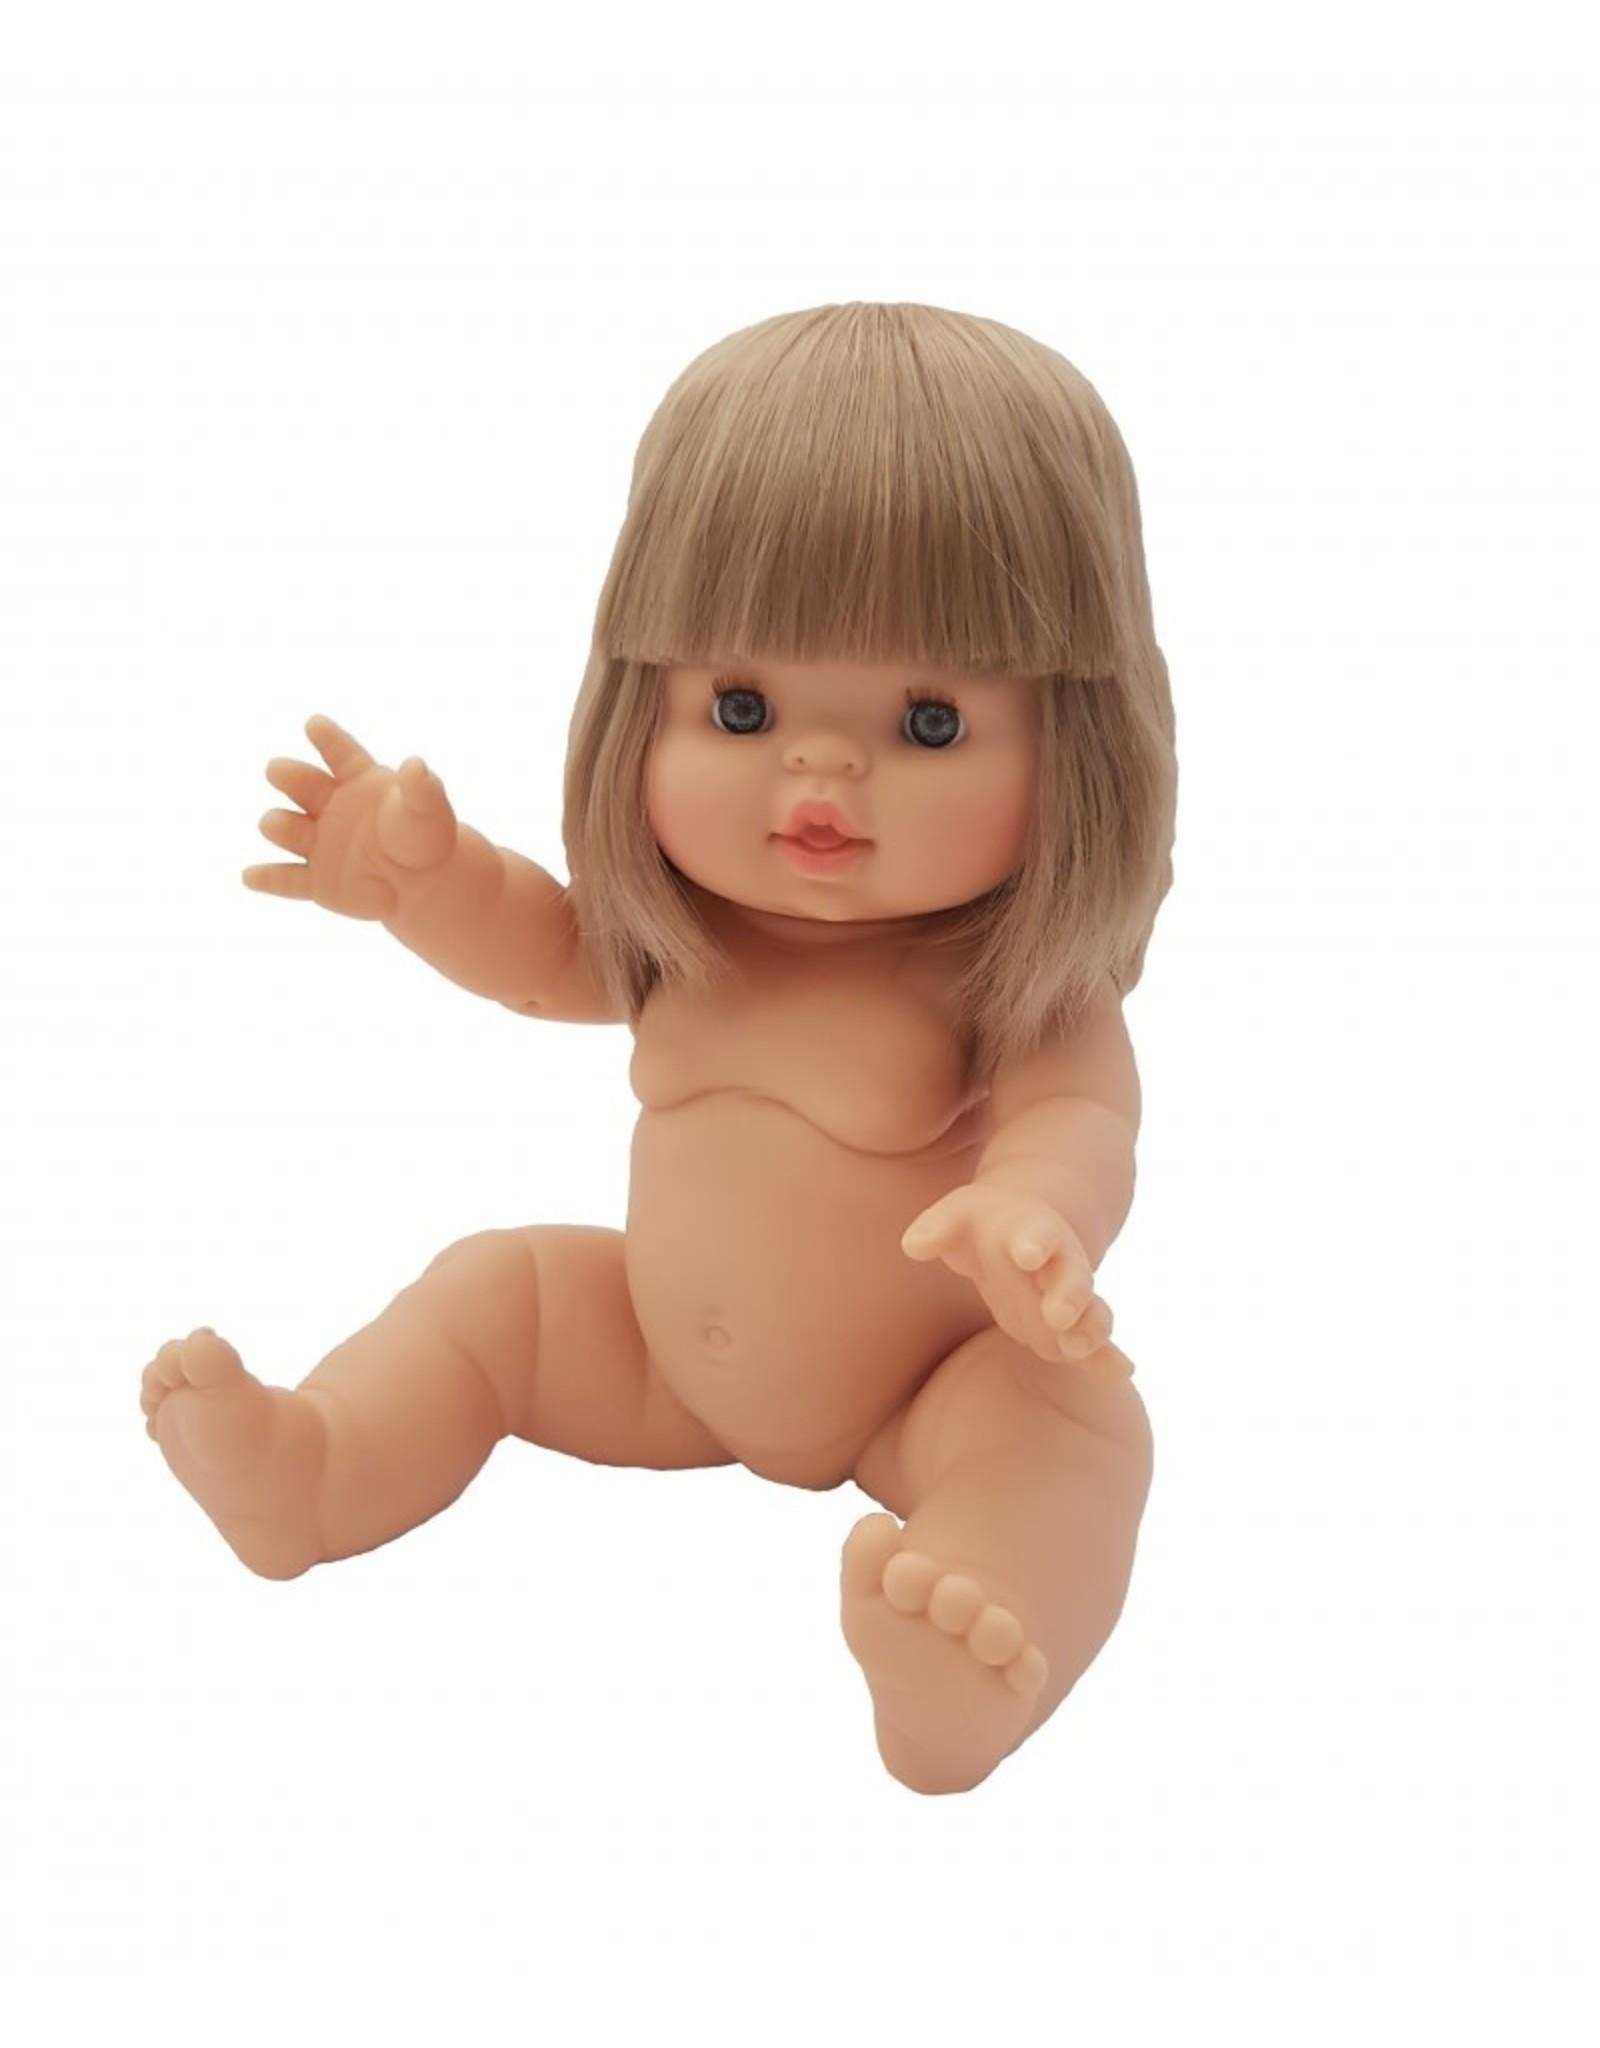 Paola Reina Pop Gordi meisje blank blond haar met blauwe ogen